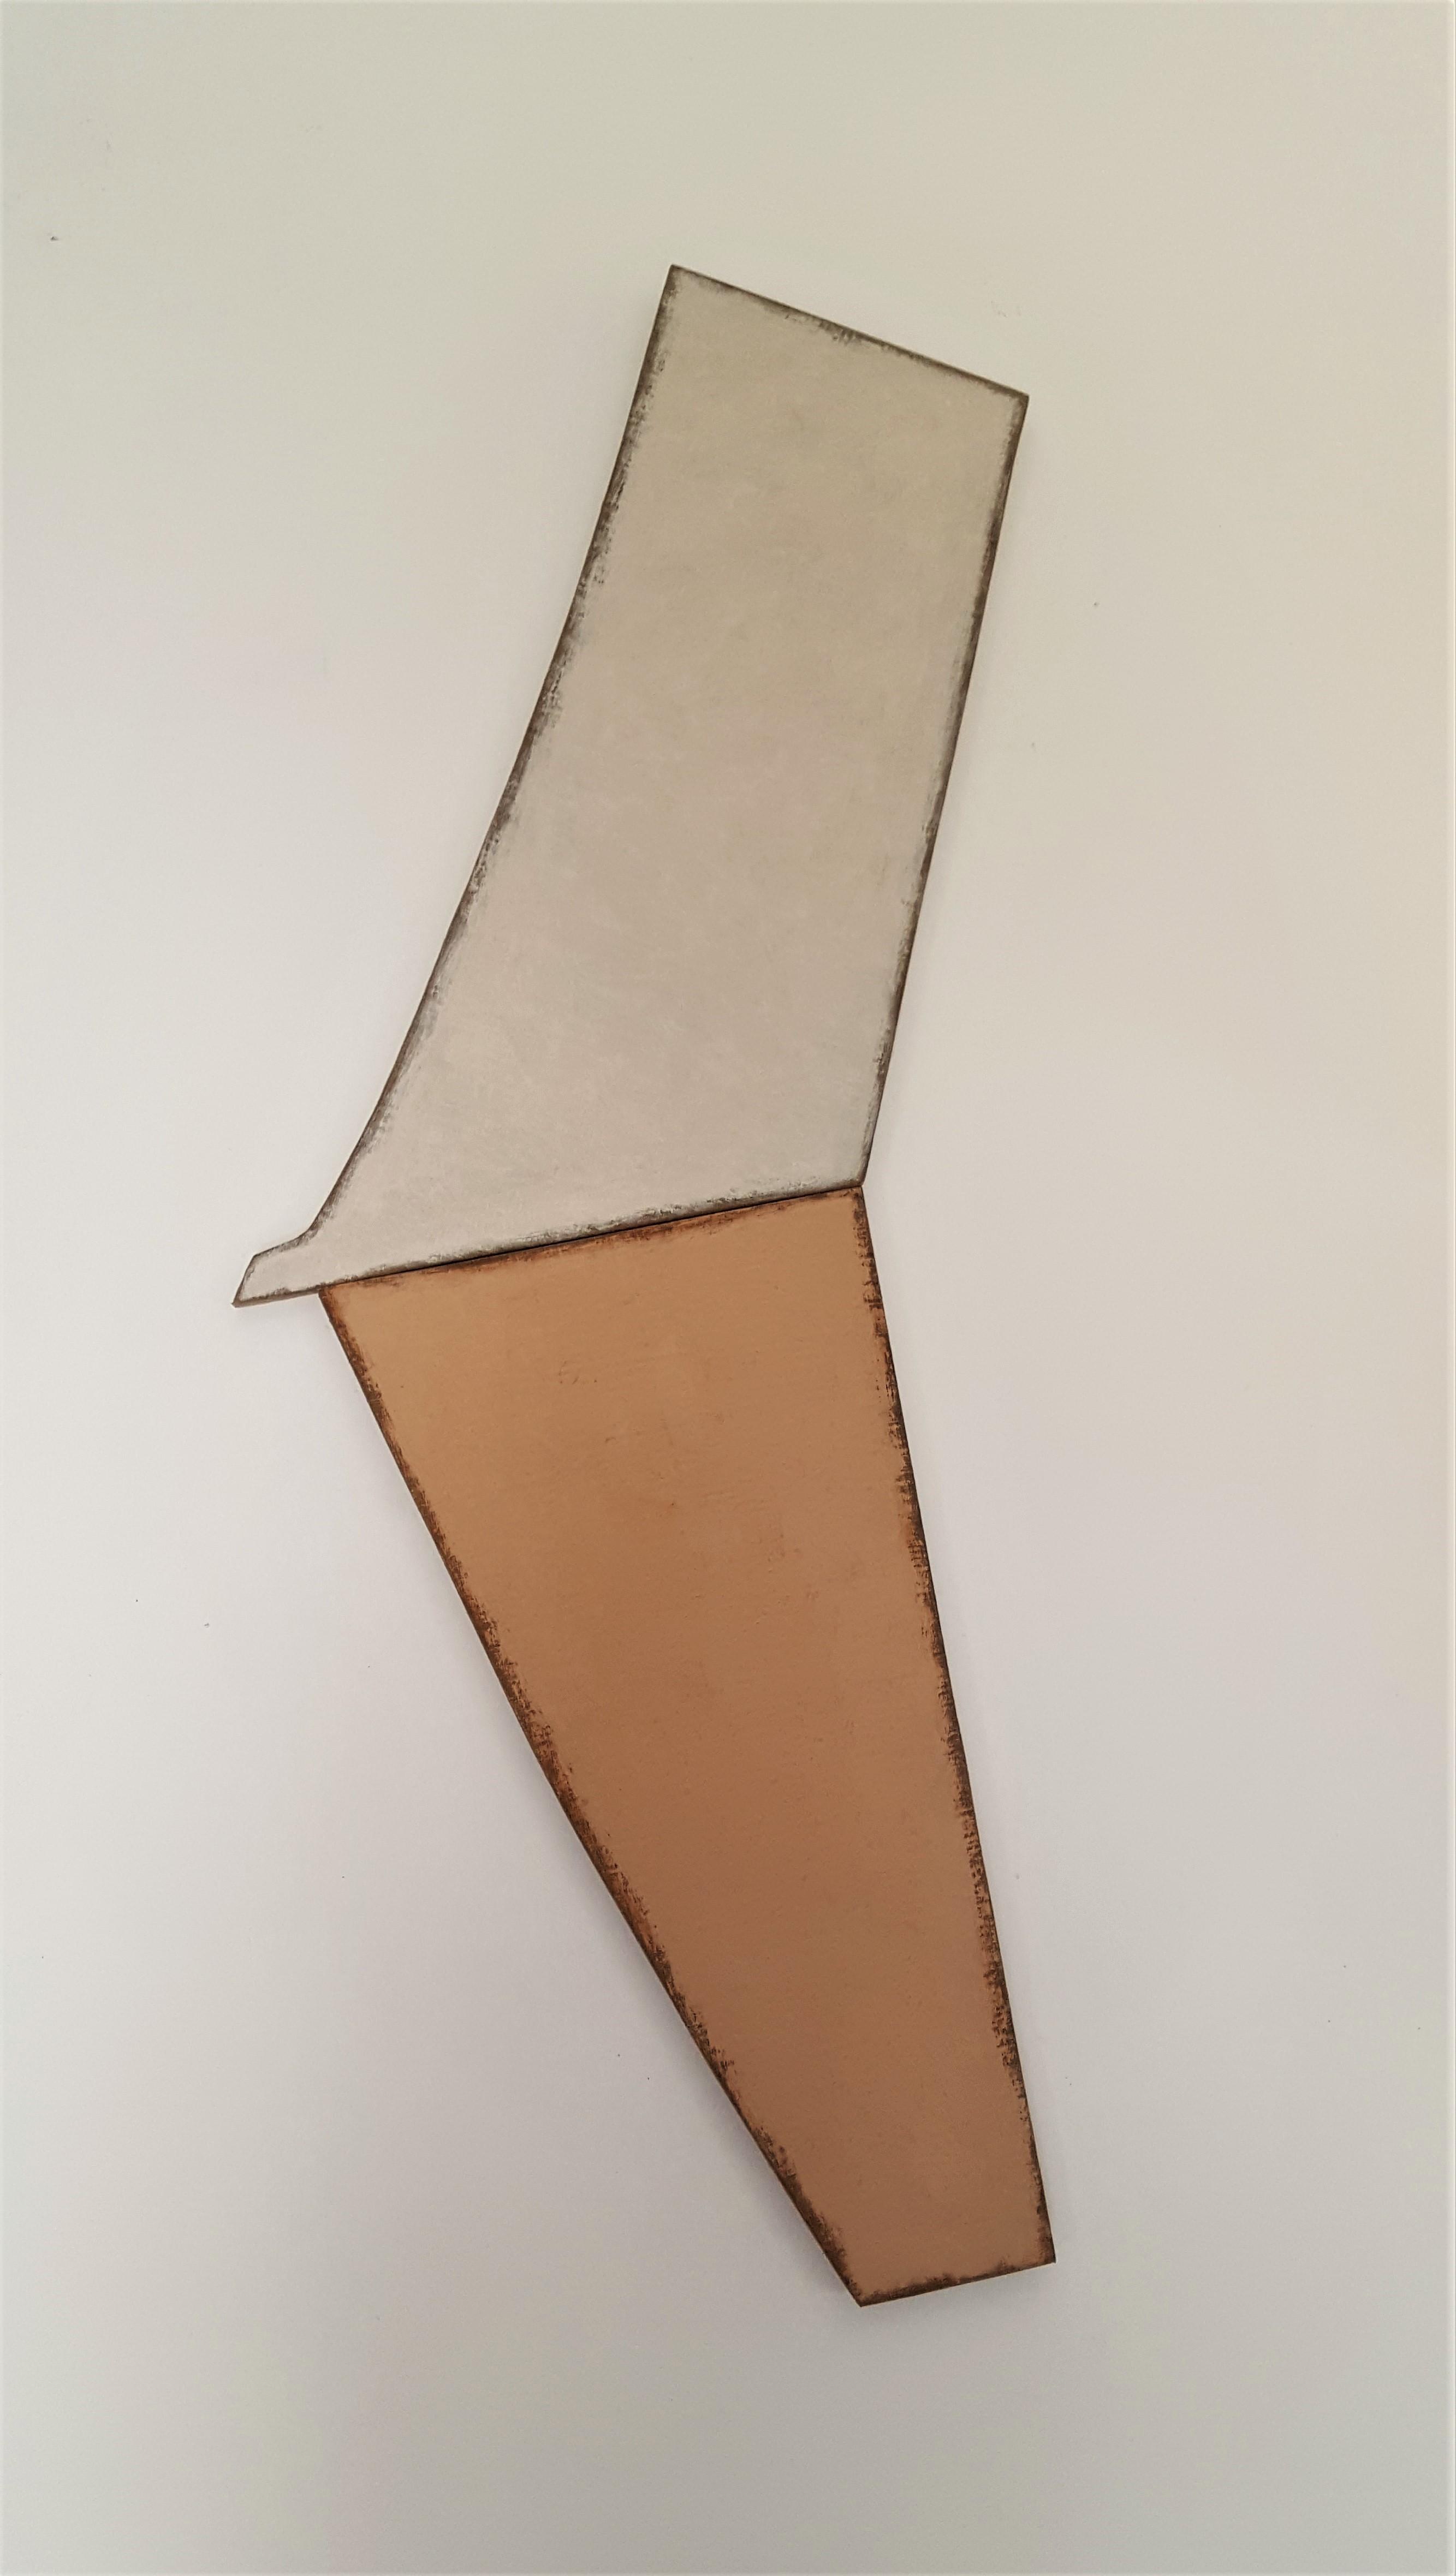 12. 2017 - 128 x 50 cm